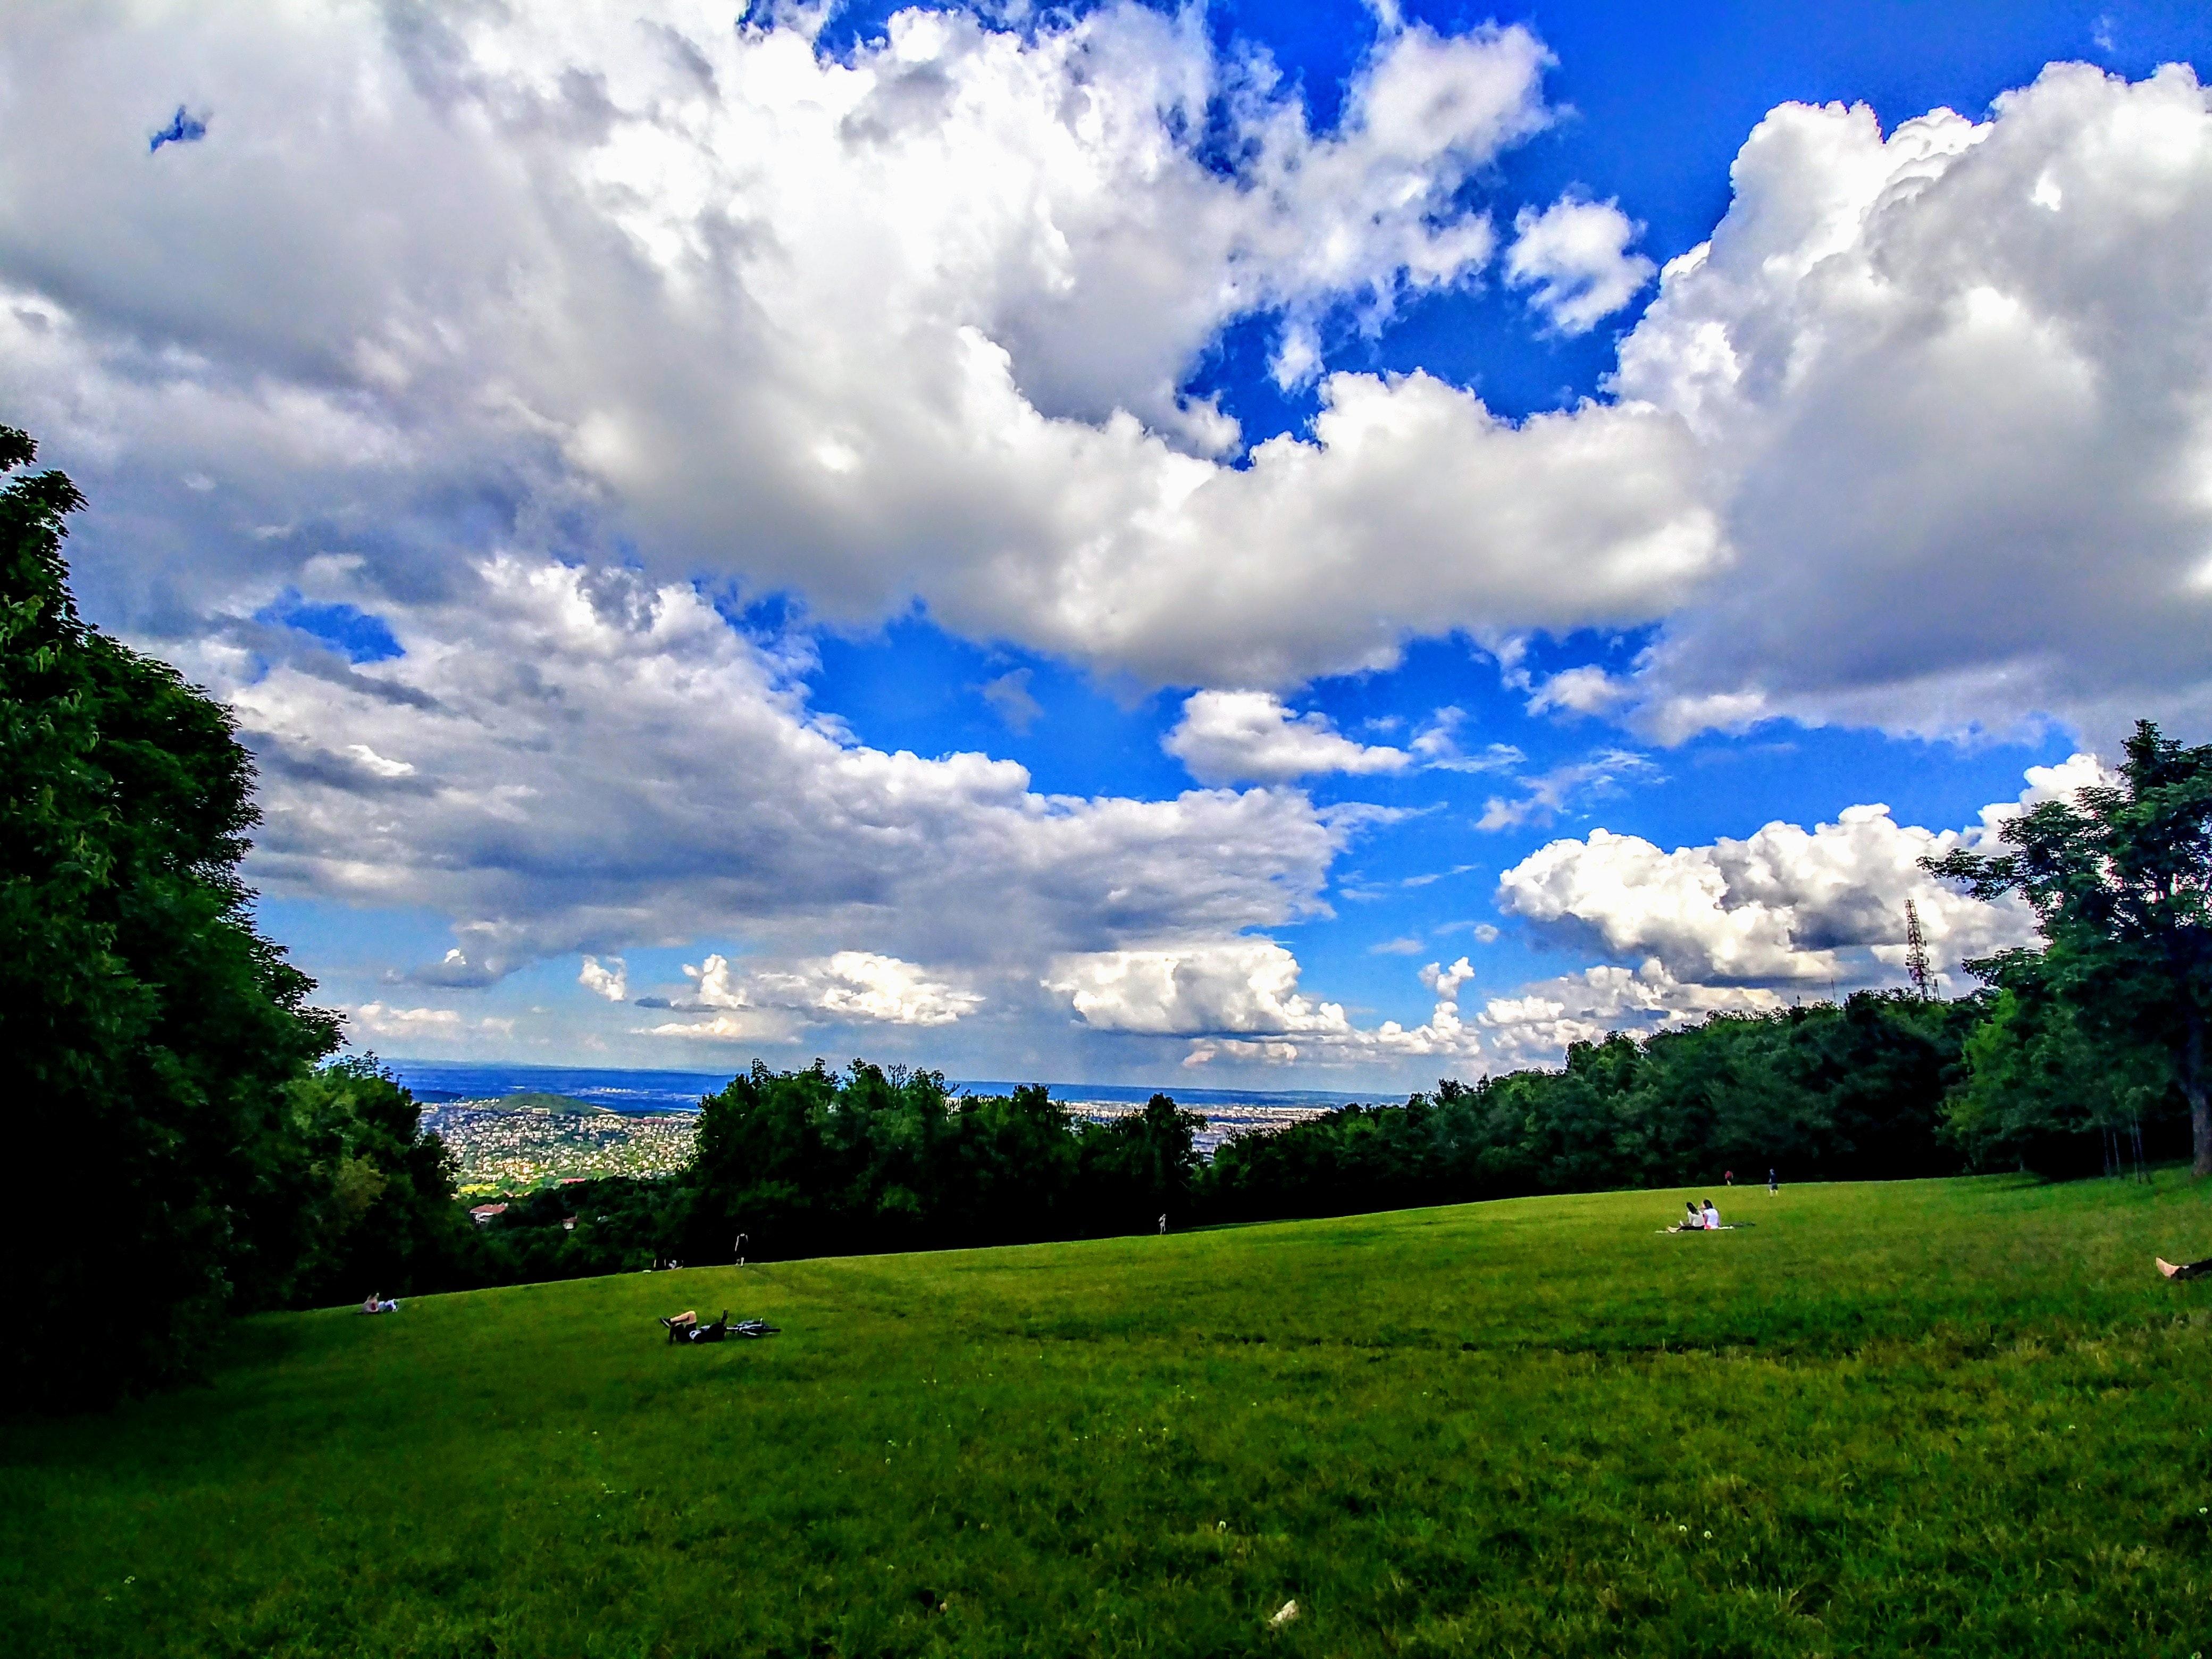 Kumpulan Gambar Pemandangan Hutan Hitam Putih HD